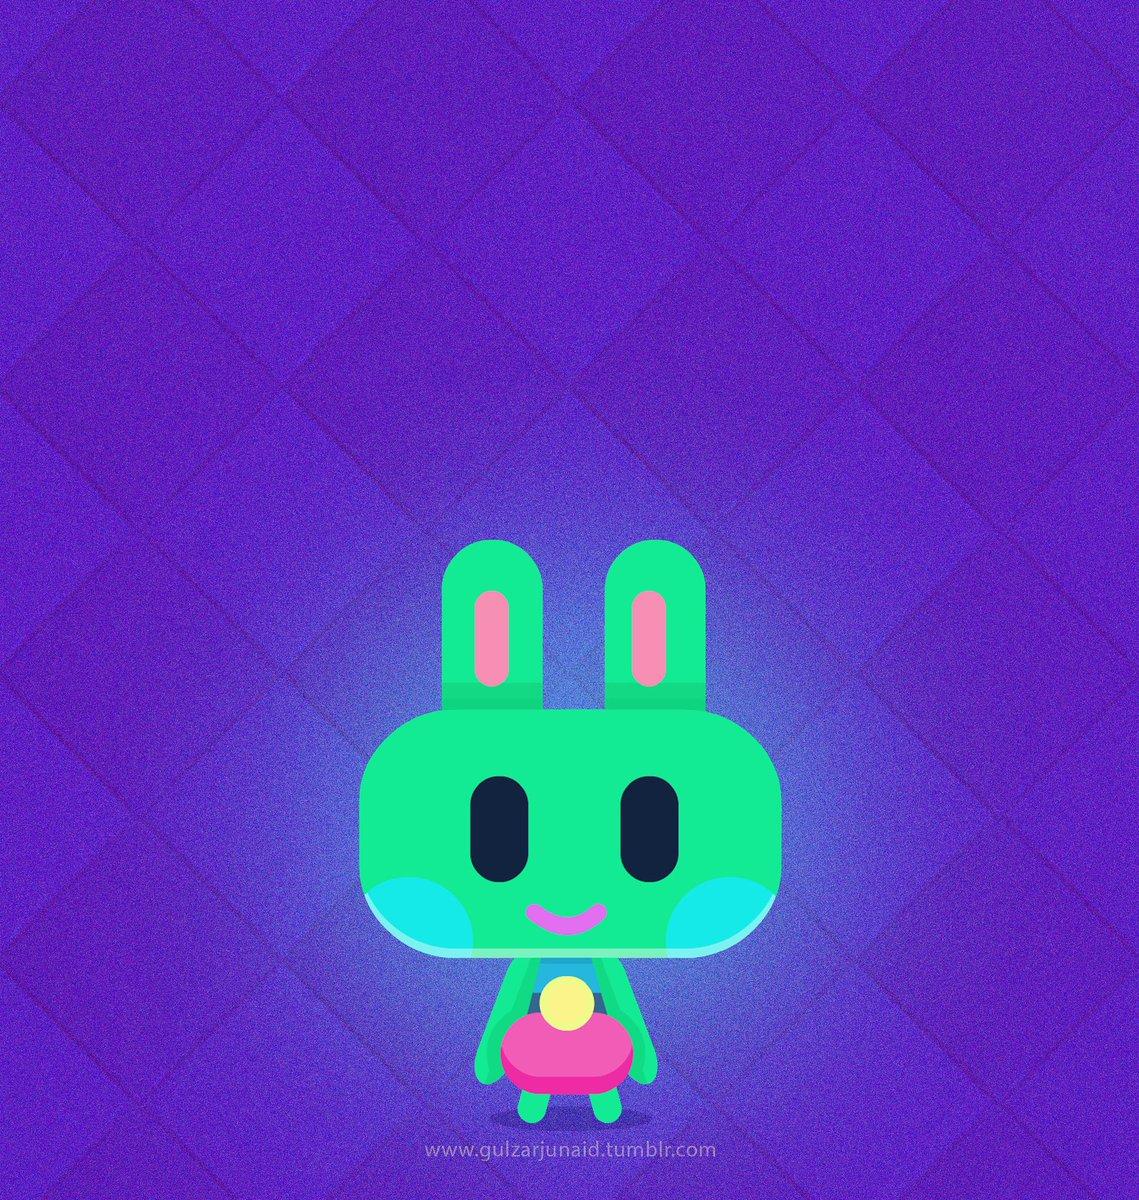 Green Rabbit . . . #Liebe #grünes #Kaninchen #Kunst #2DKunst #2Dart #illustration #Zeichnungpic.twitter.com/Ttfr9XTLGN